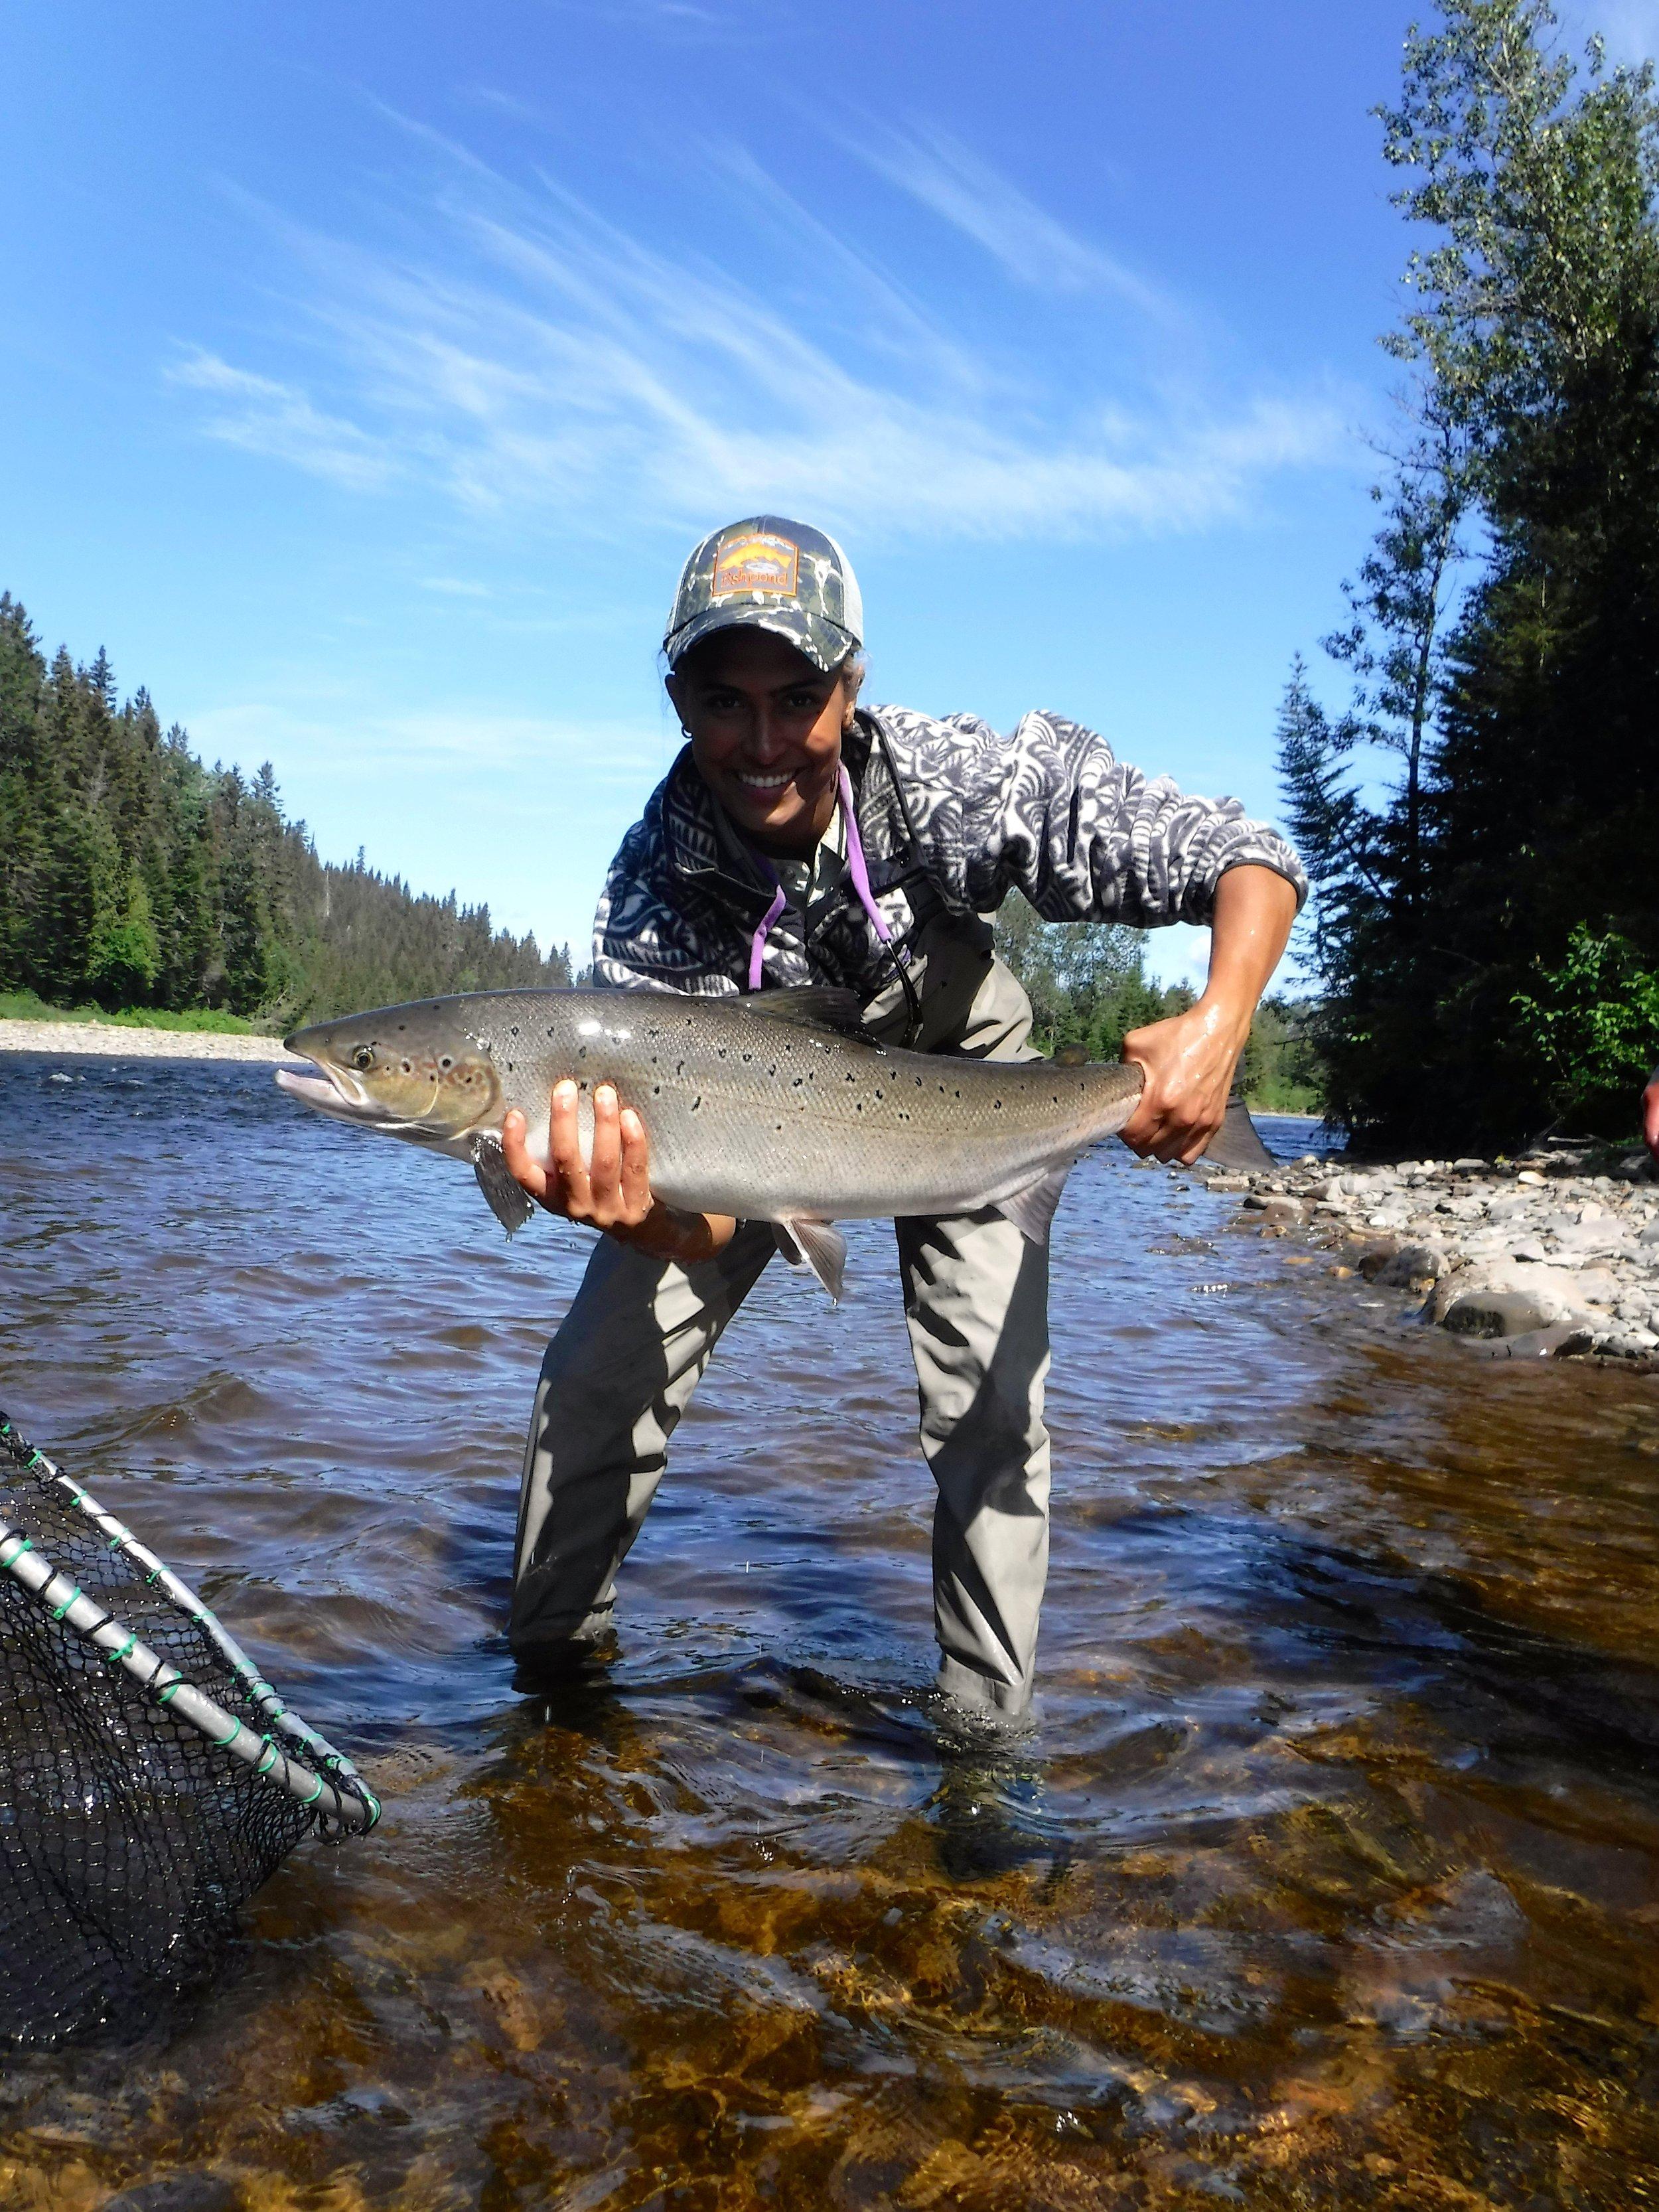 Yasmeen Moorman vient de capturer sont tout premier saumon atlantique à vie. Félicitations, Yasmeen!